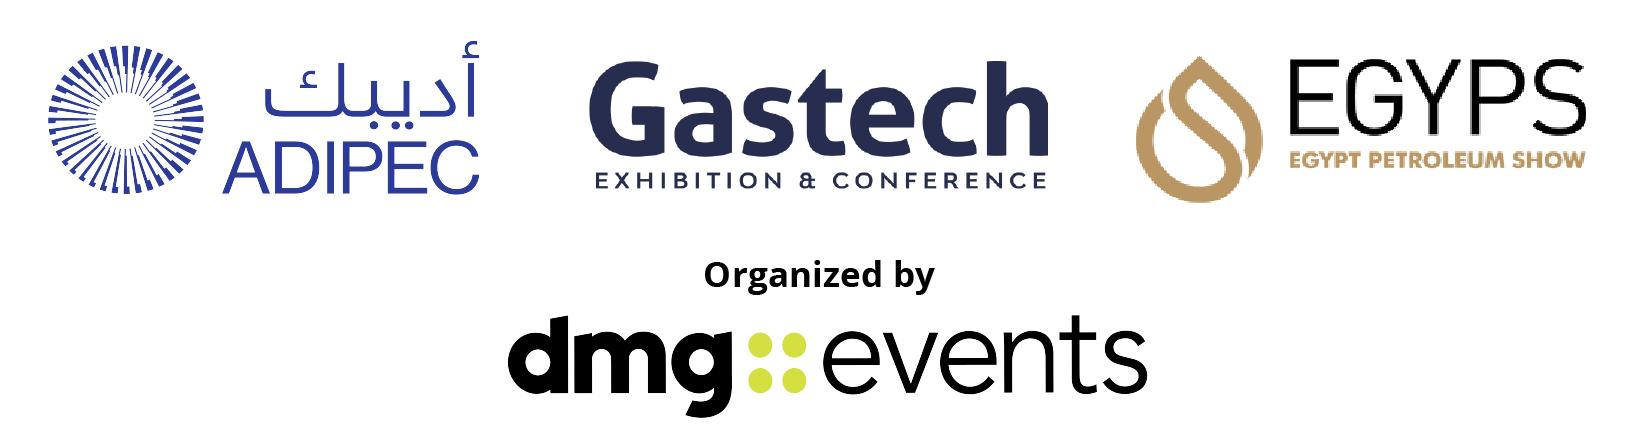 2018 December Newsletter - dmg events logo 1-08